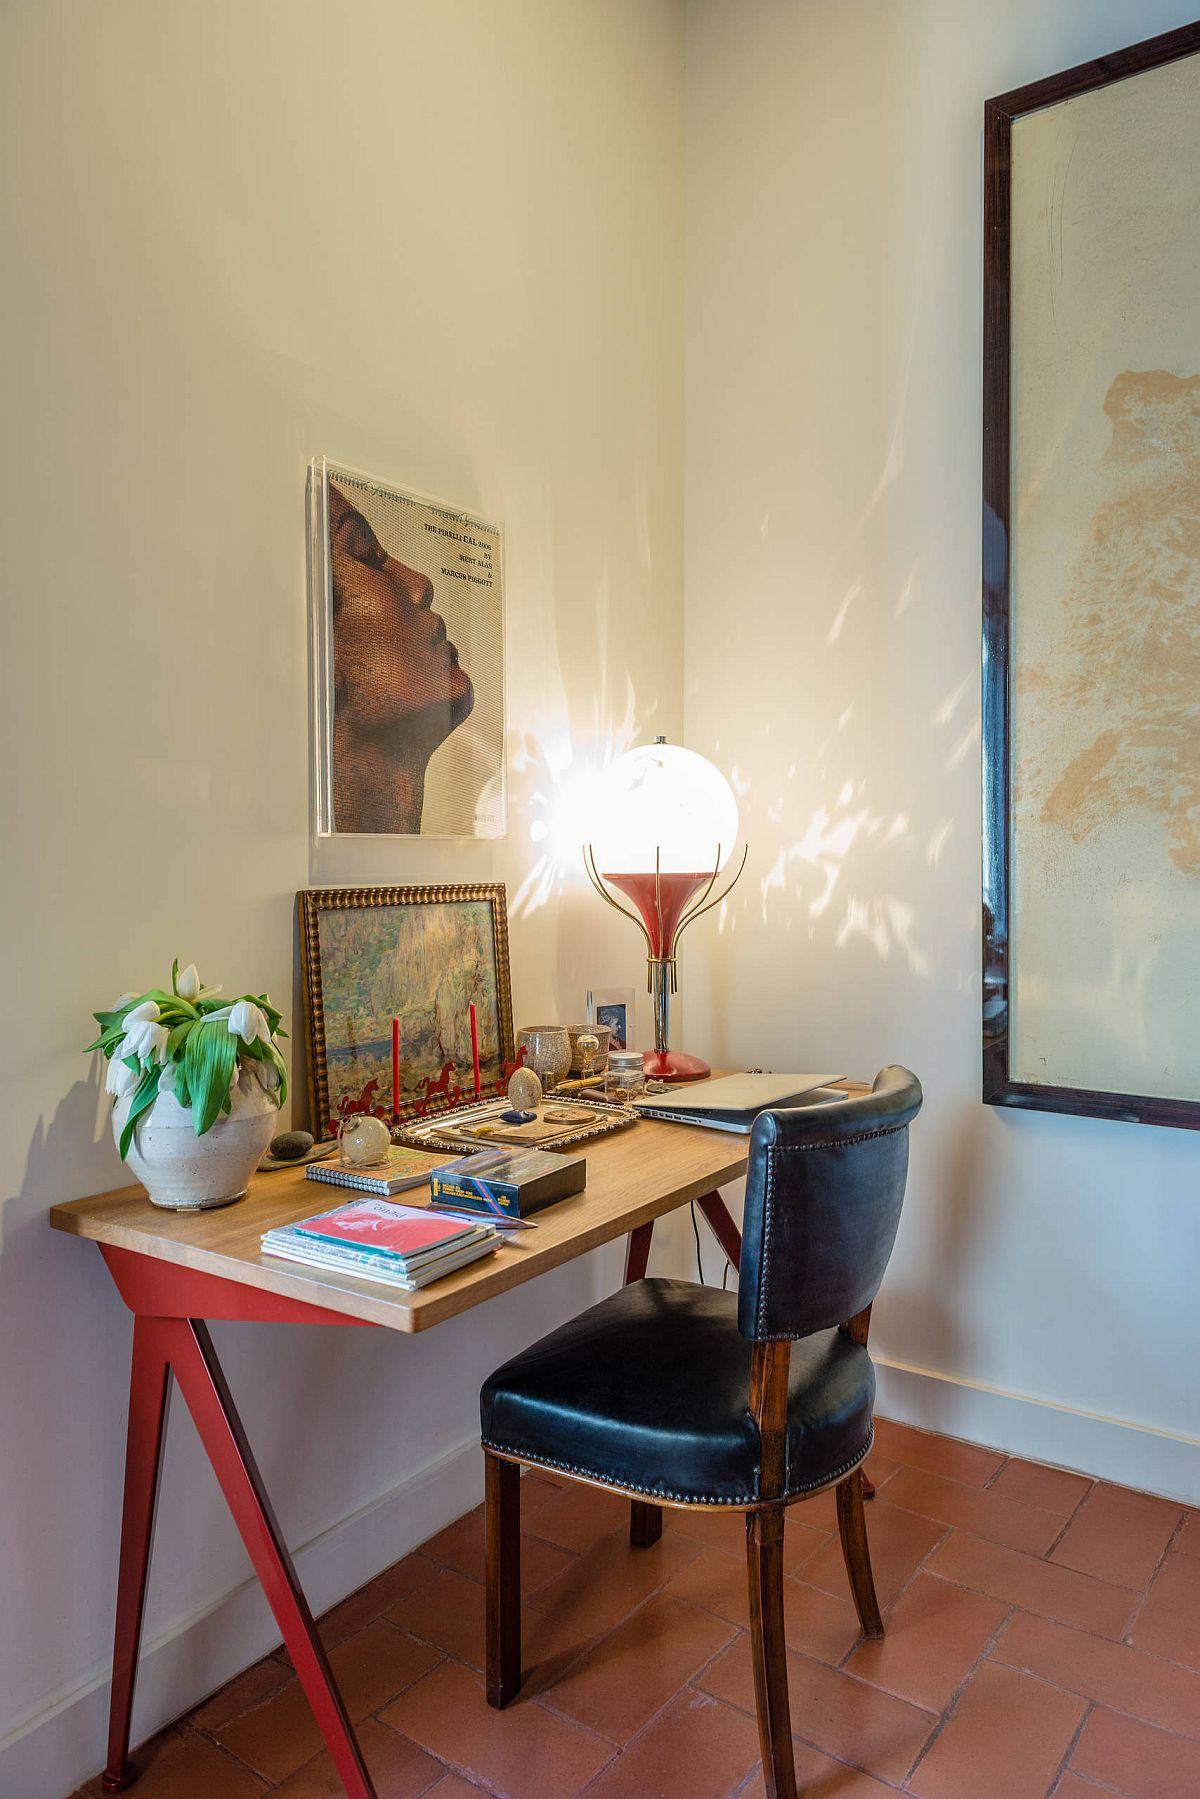 Phòng làm việc nhỏ tại nhà với phong cách chiết trung đầy màu sắc - Ảnh 14.